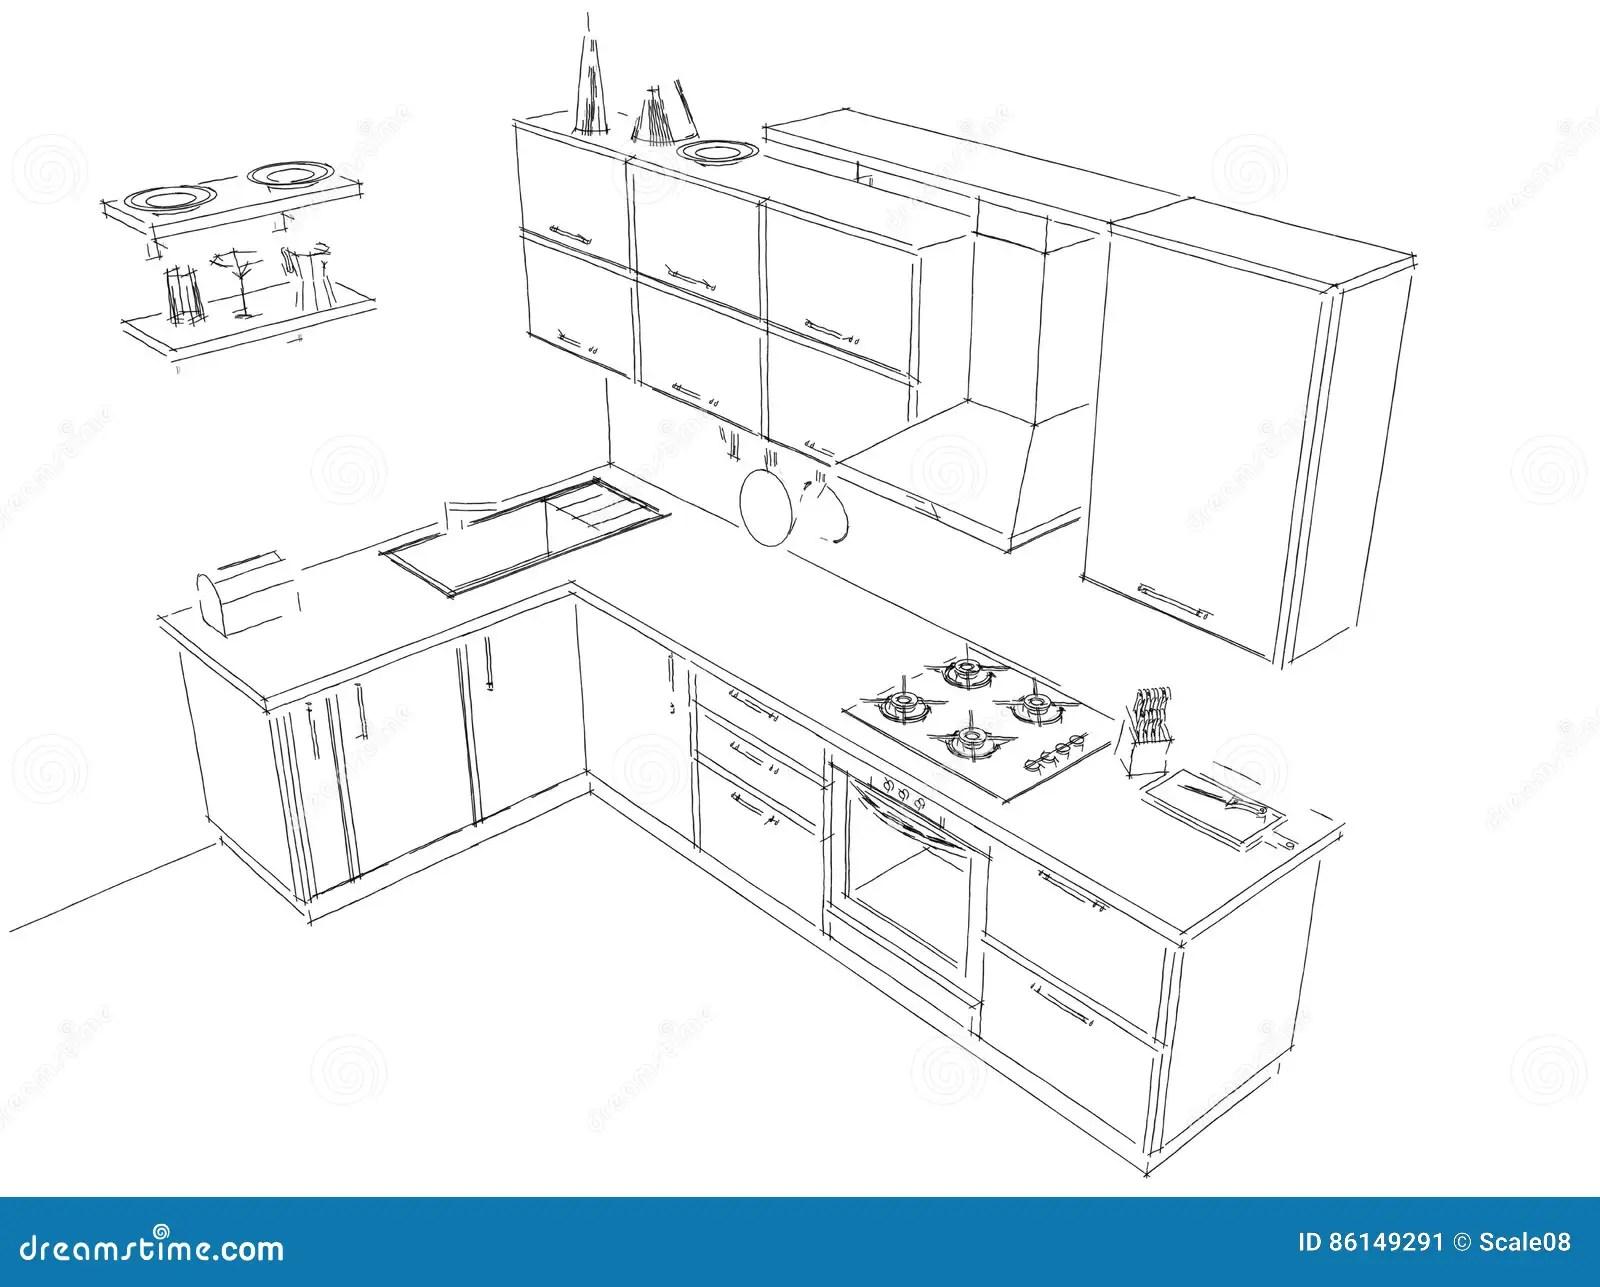 Wiring Kitchen Schematic